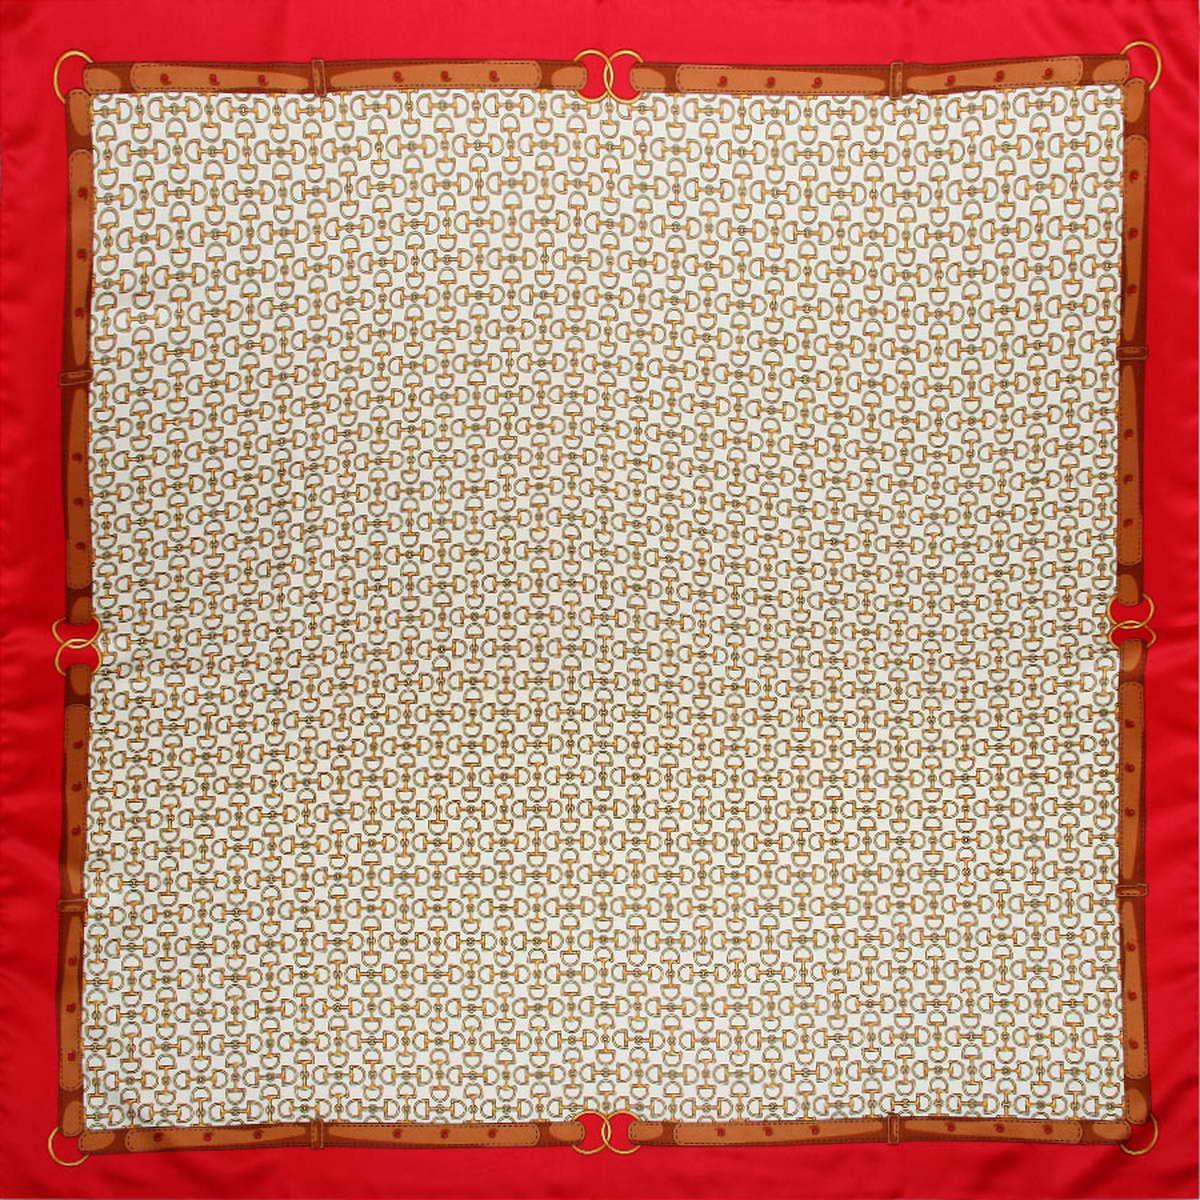 Платок3914683-1Стильный женский платок Venera станет великолепным завершением любого наряда. Платок изготовлен из полиэстера. Анималистический принт добавляет нотку экзотичности в образ, а рисунок ремешков завораживает оригинальностью. Классическая квадратная форма позволяет носить платок на шее, украшать им прическу или декорировать сумочку. Легкий и приятный на ощупь платок поможет вам создать изысканный женственный образ. Такой платок превосходно дополнит любой наряд и подчеркнет ваш неповторимый вкус и элегантность.